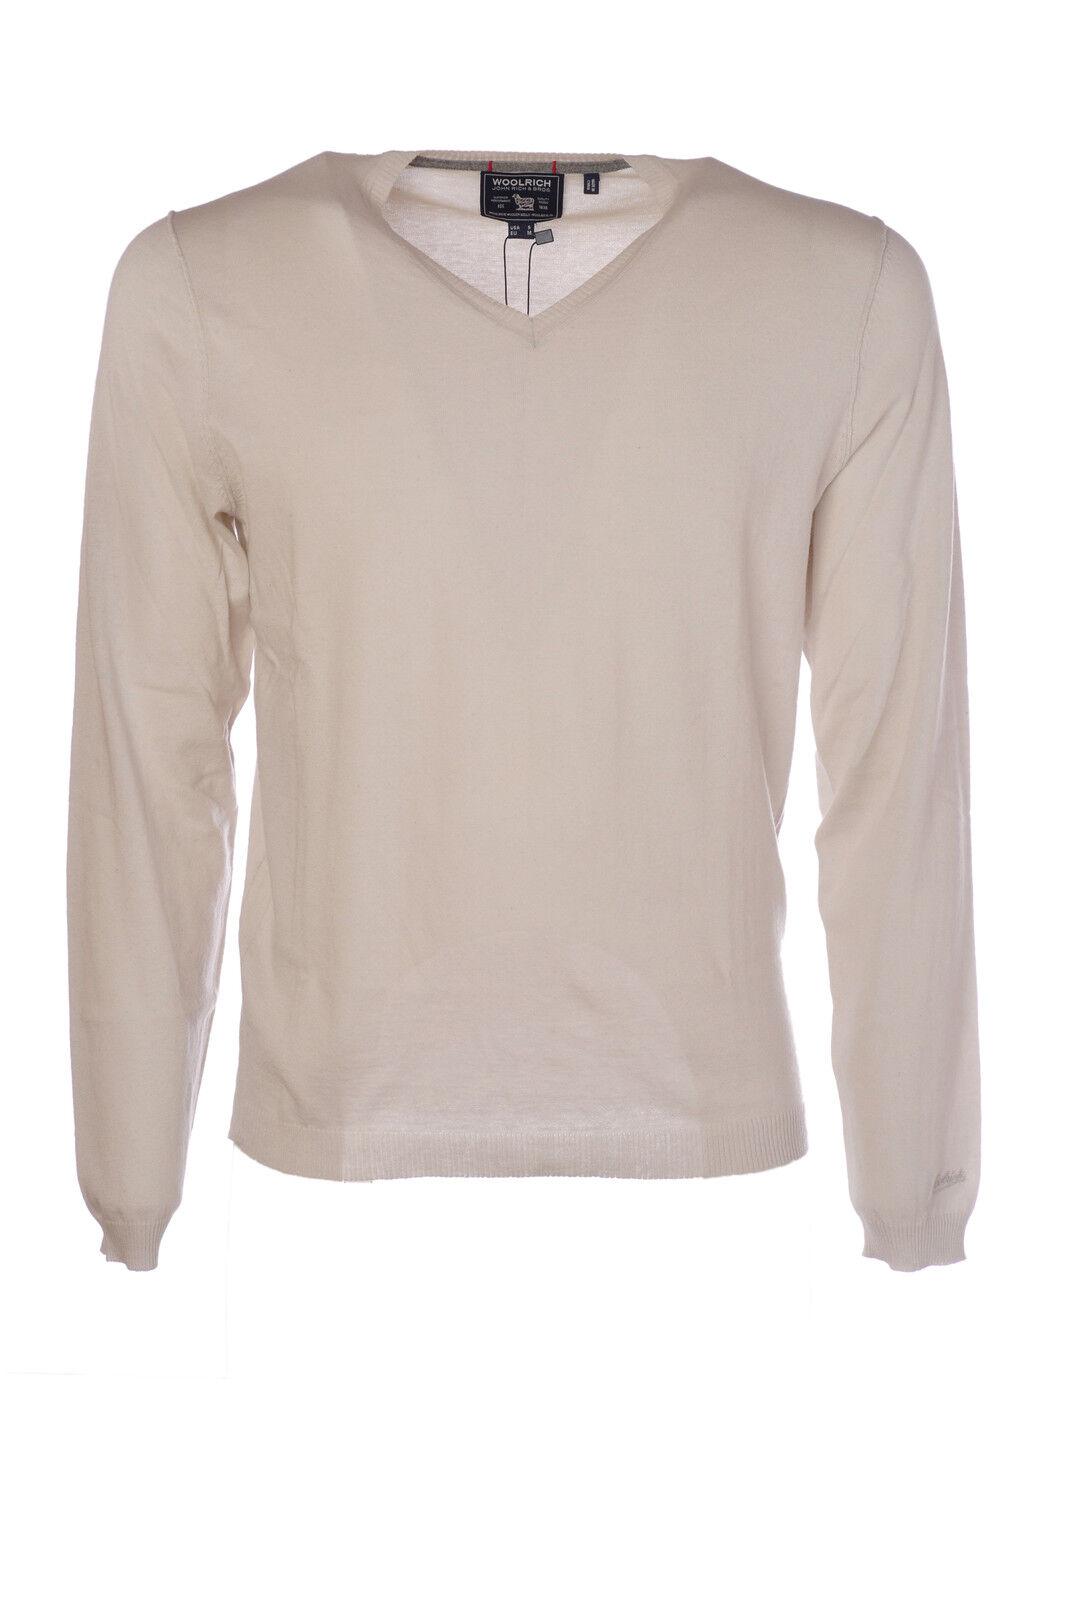 Woolrich  -  Sweaters - Male - Weiß - 1976131N173653